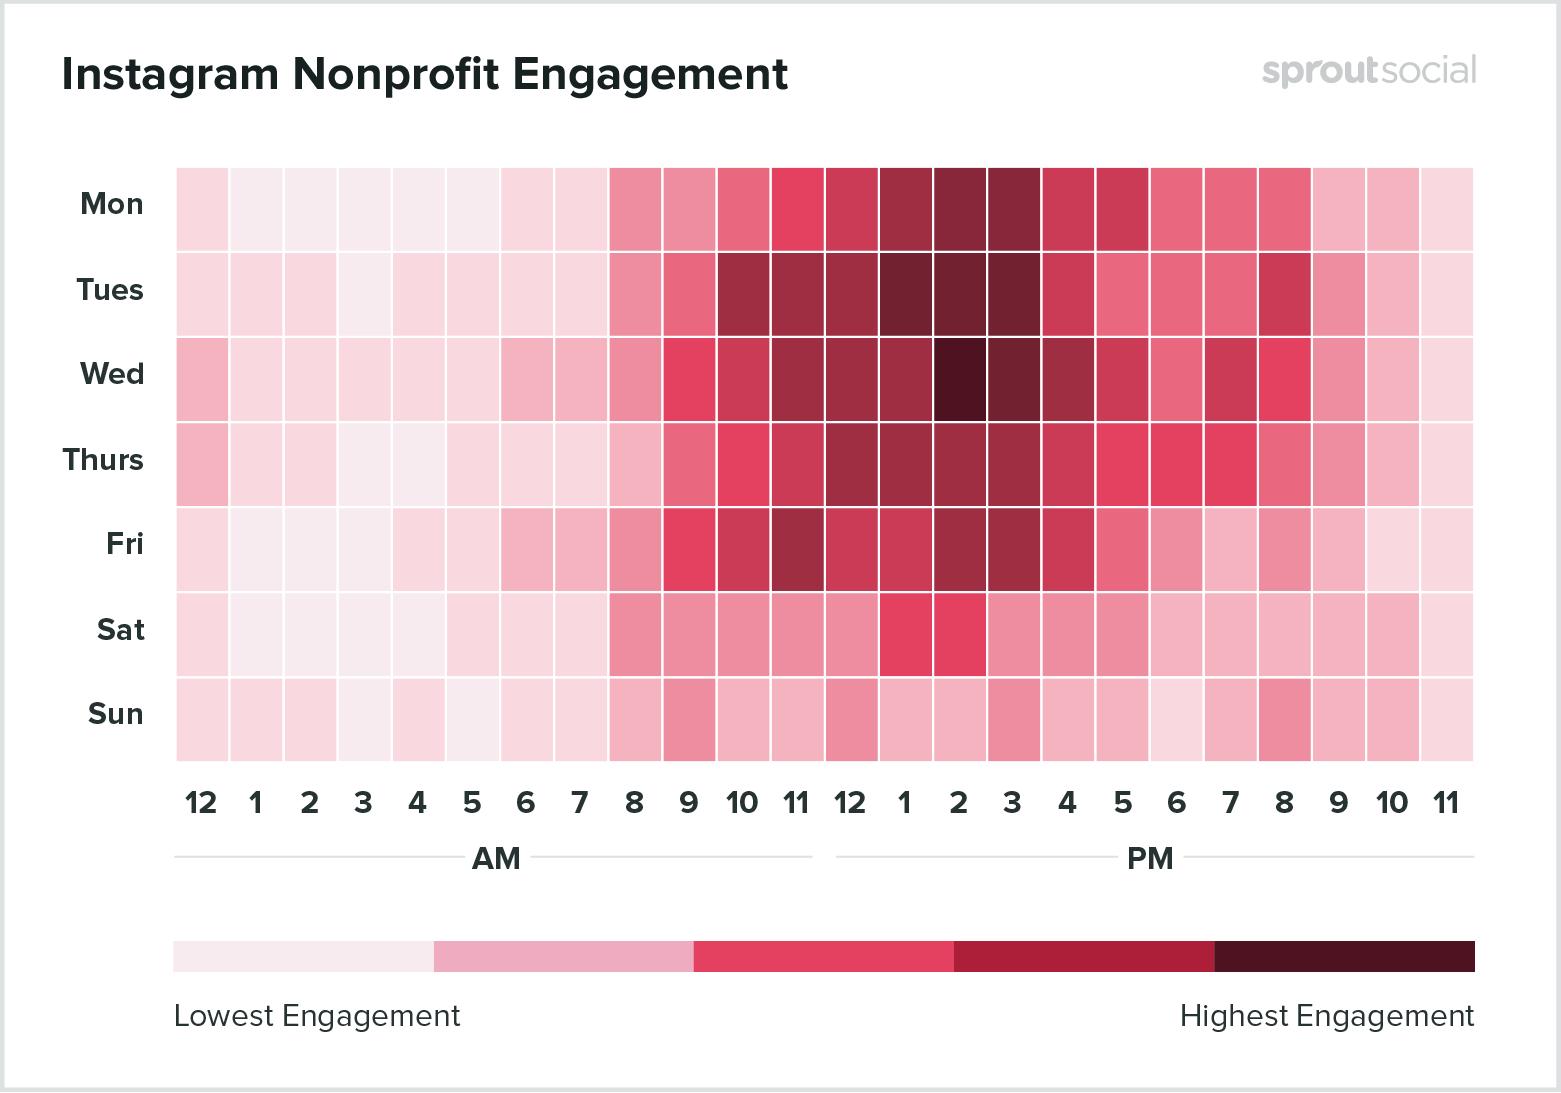 Лучшее время для некоммерческих публикаций в Instagram - данные на 2020 год